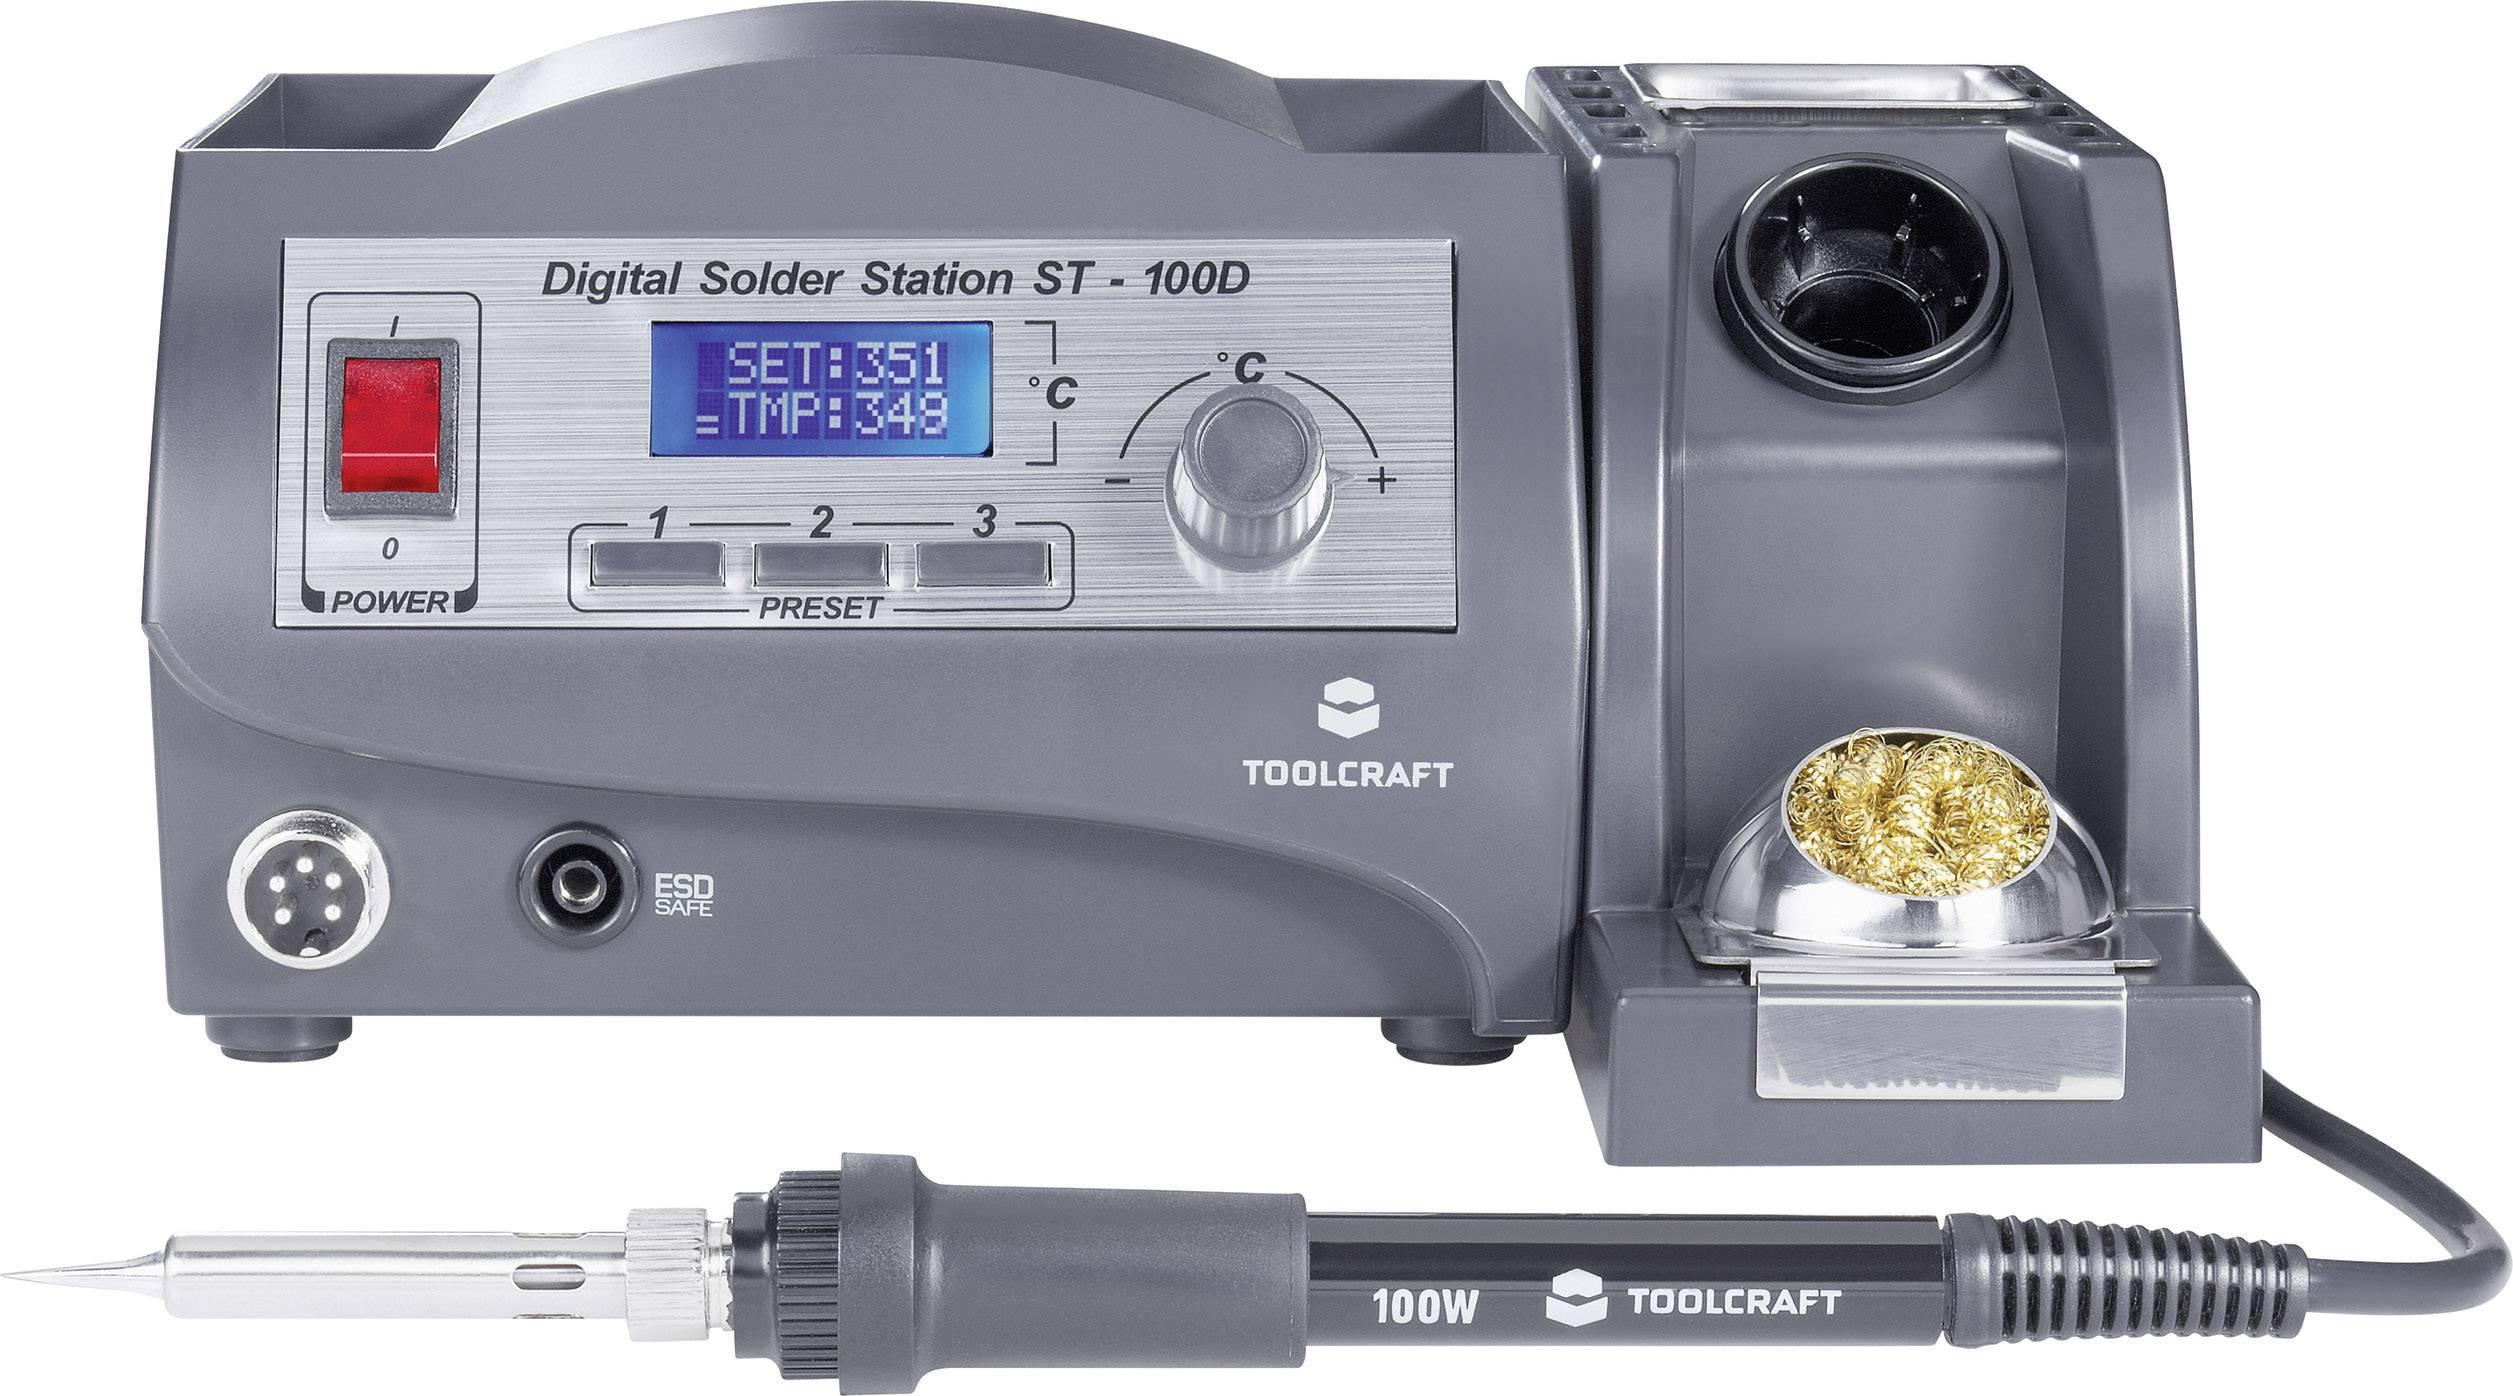 Spájkovacia stanica TOOLCRAFT 1603977, digitálne/y, 100 W, 150 do 450 °C, výročná edícia